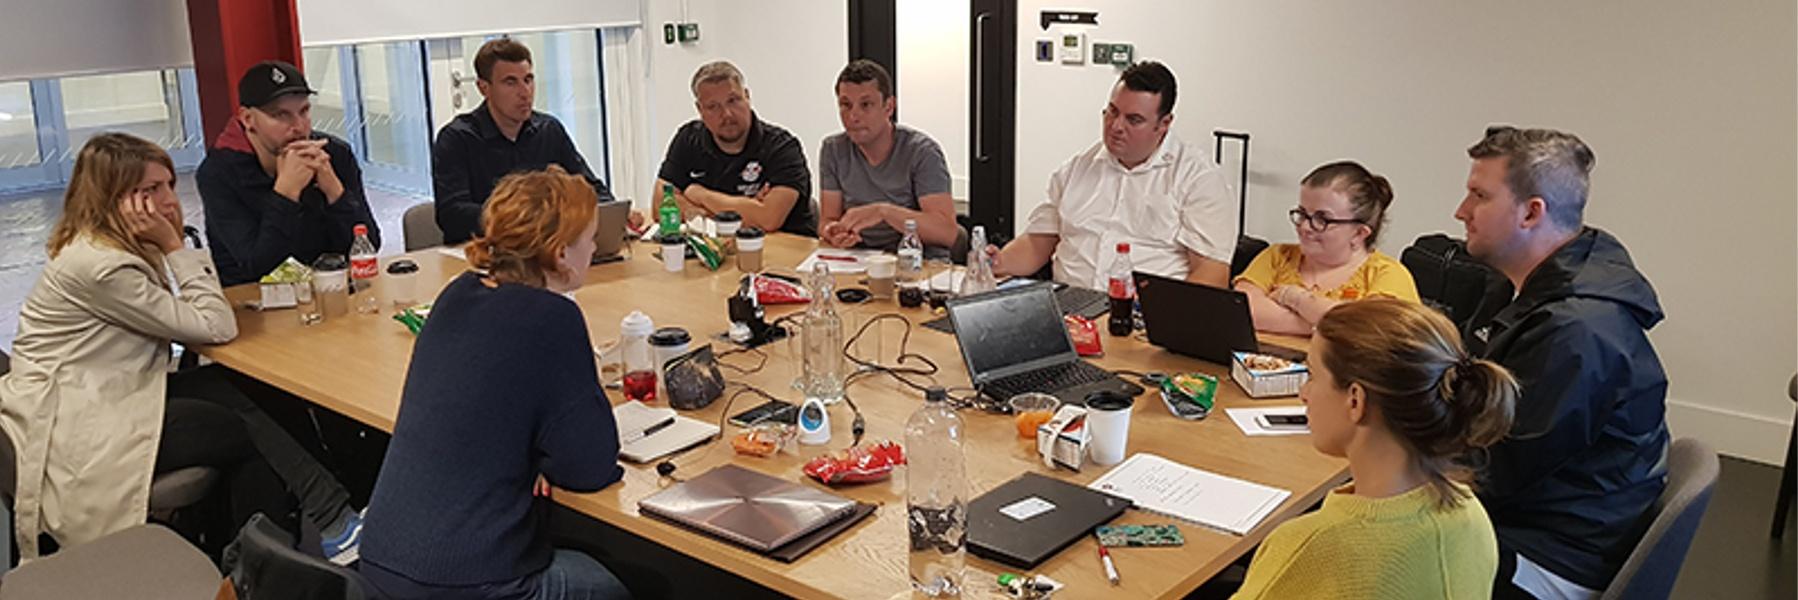 Teilnehmer*innen des Treffens sitzen rund um einen Tisch in einem Besprechungsraum und unterhalten sich.